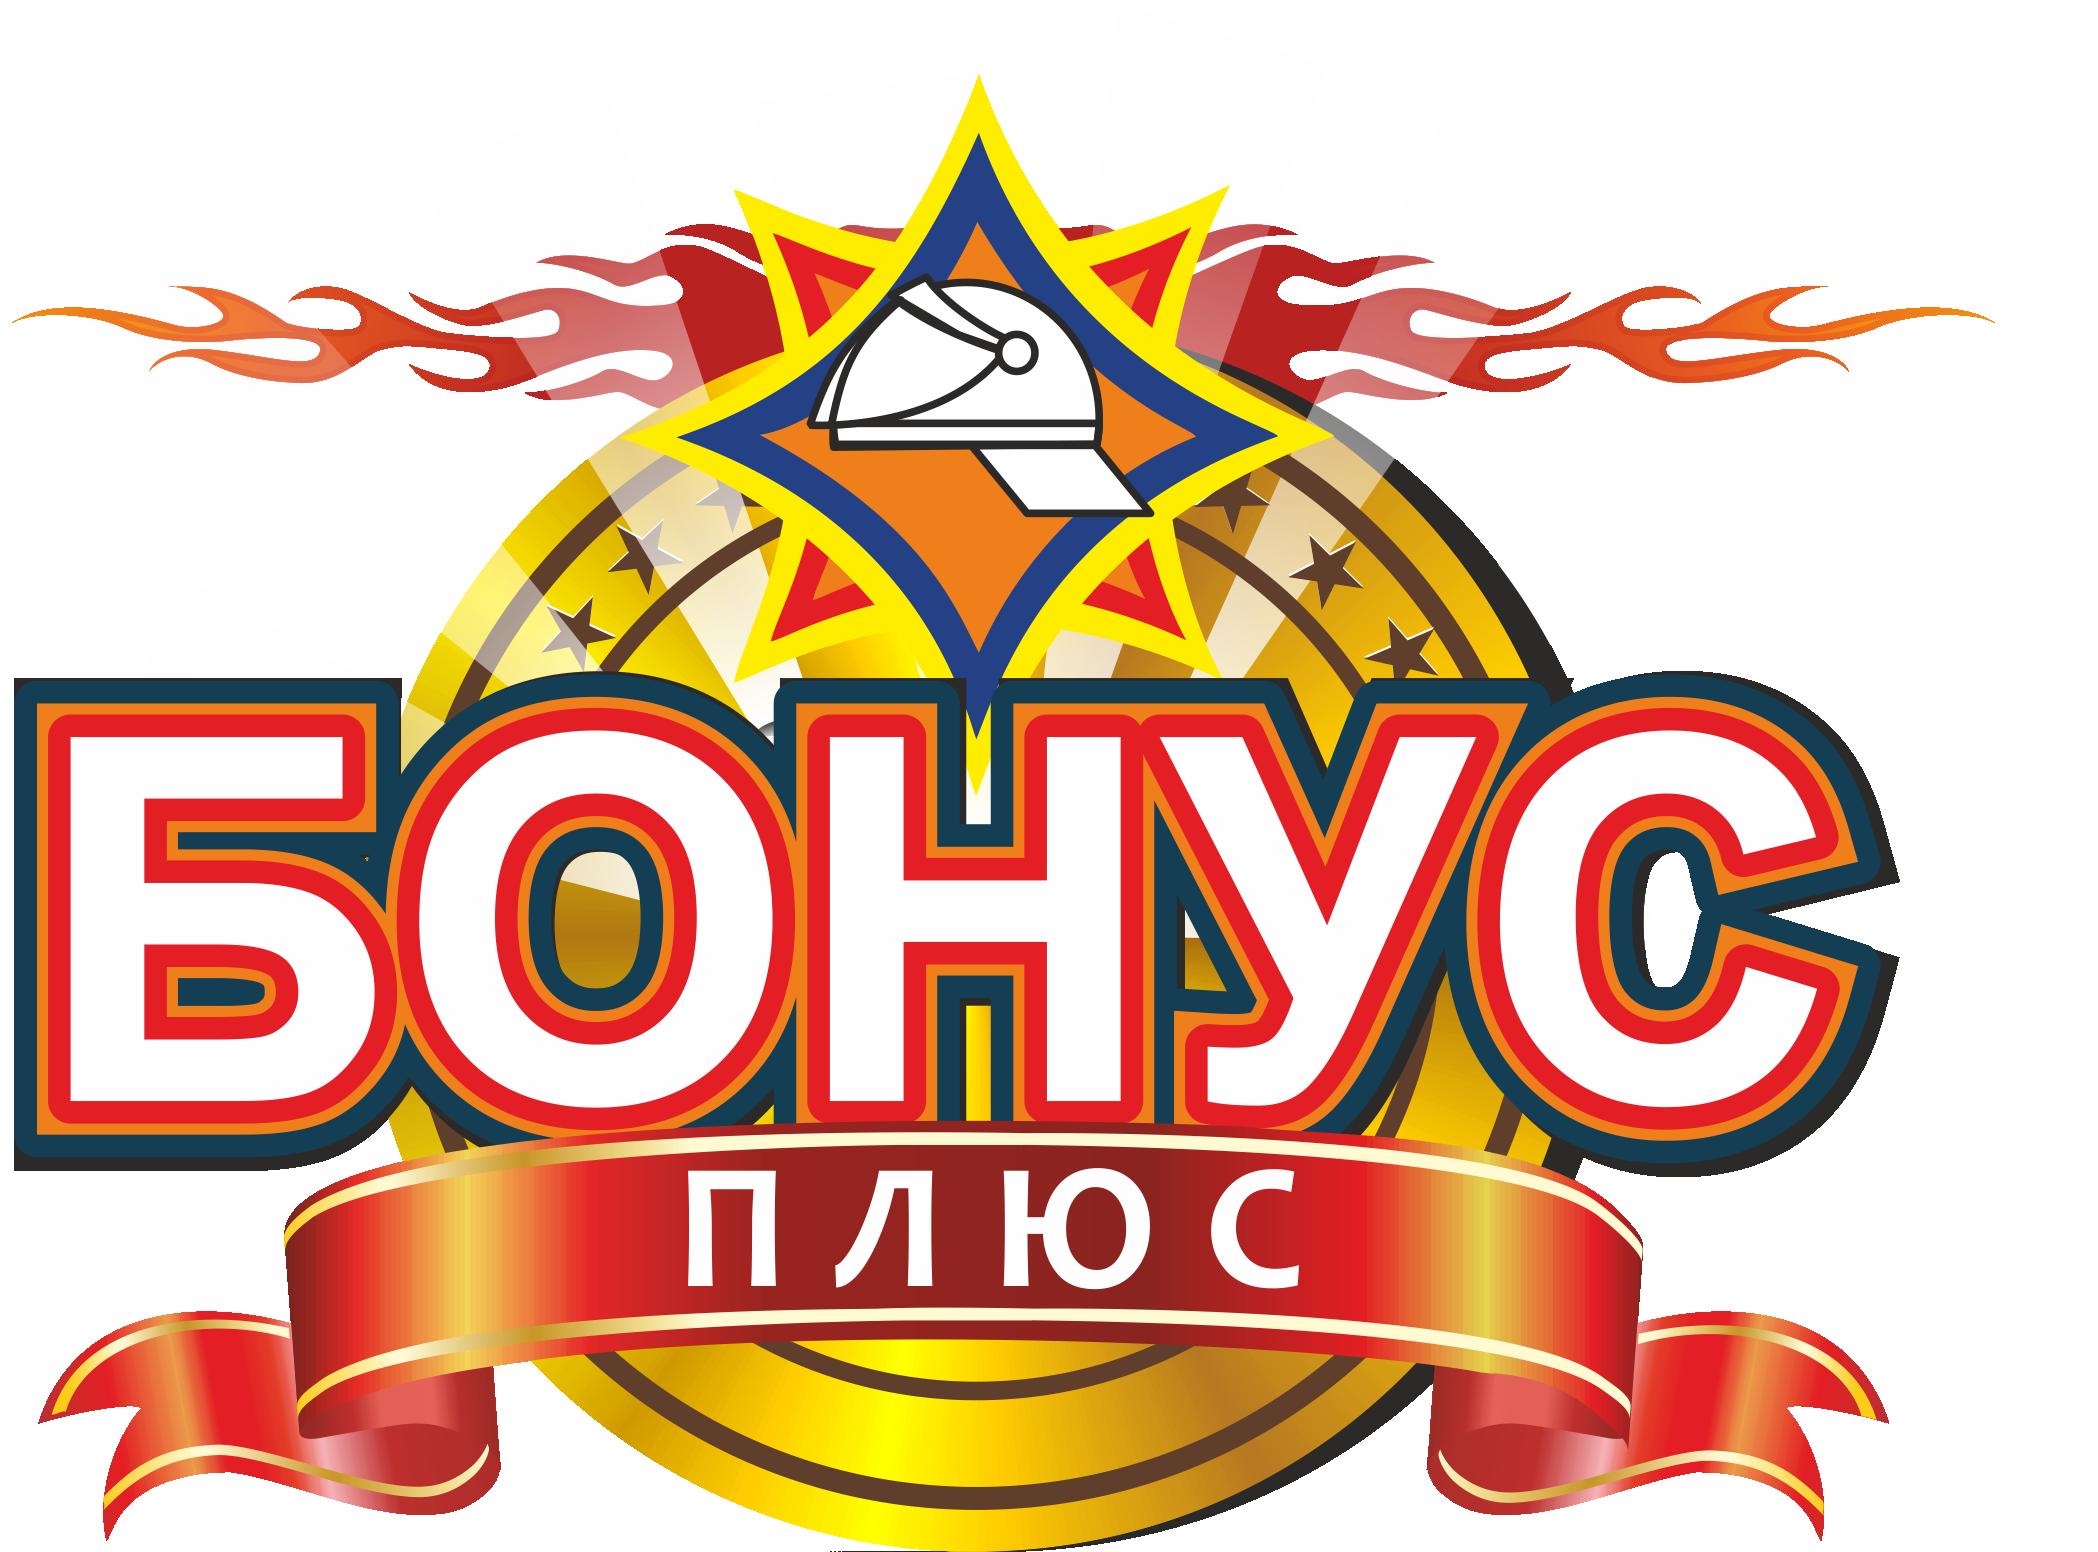 Российская лотерея 12/24 – как купить билеты, способы заполнения и проверки купонов, правила розыгрыша и как получить выигрыши.